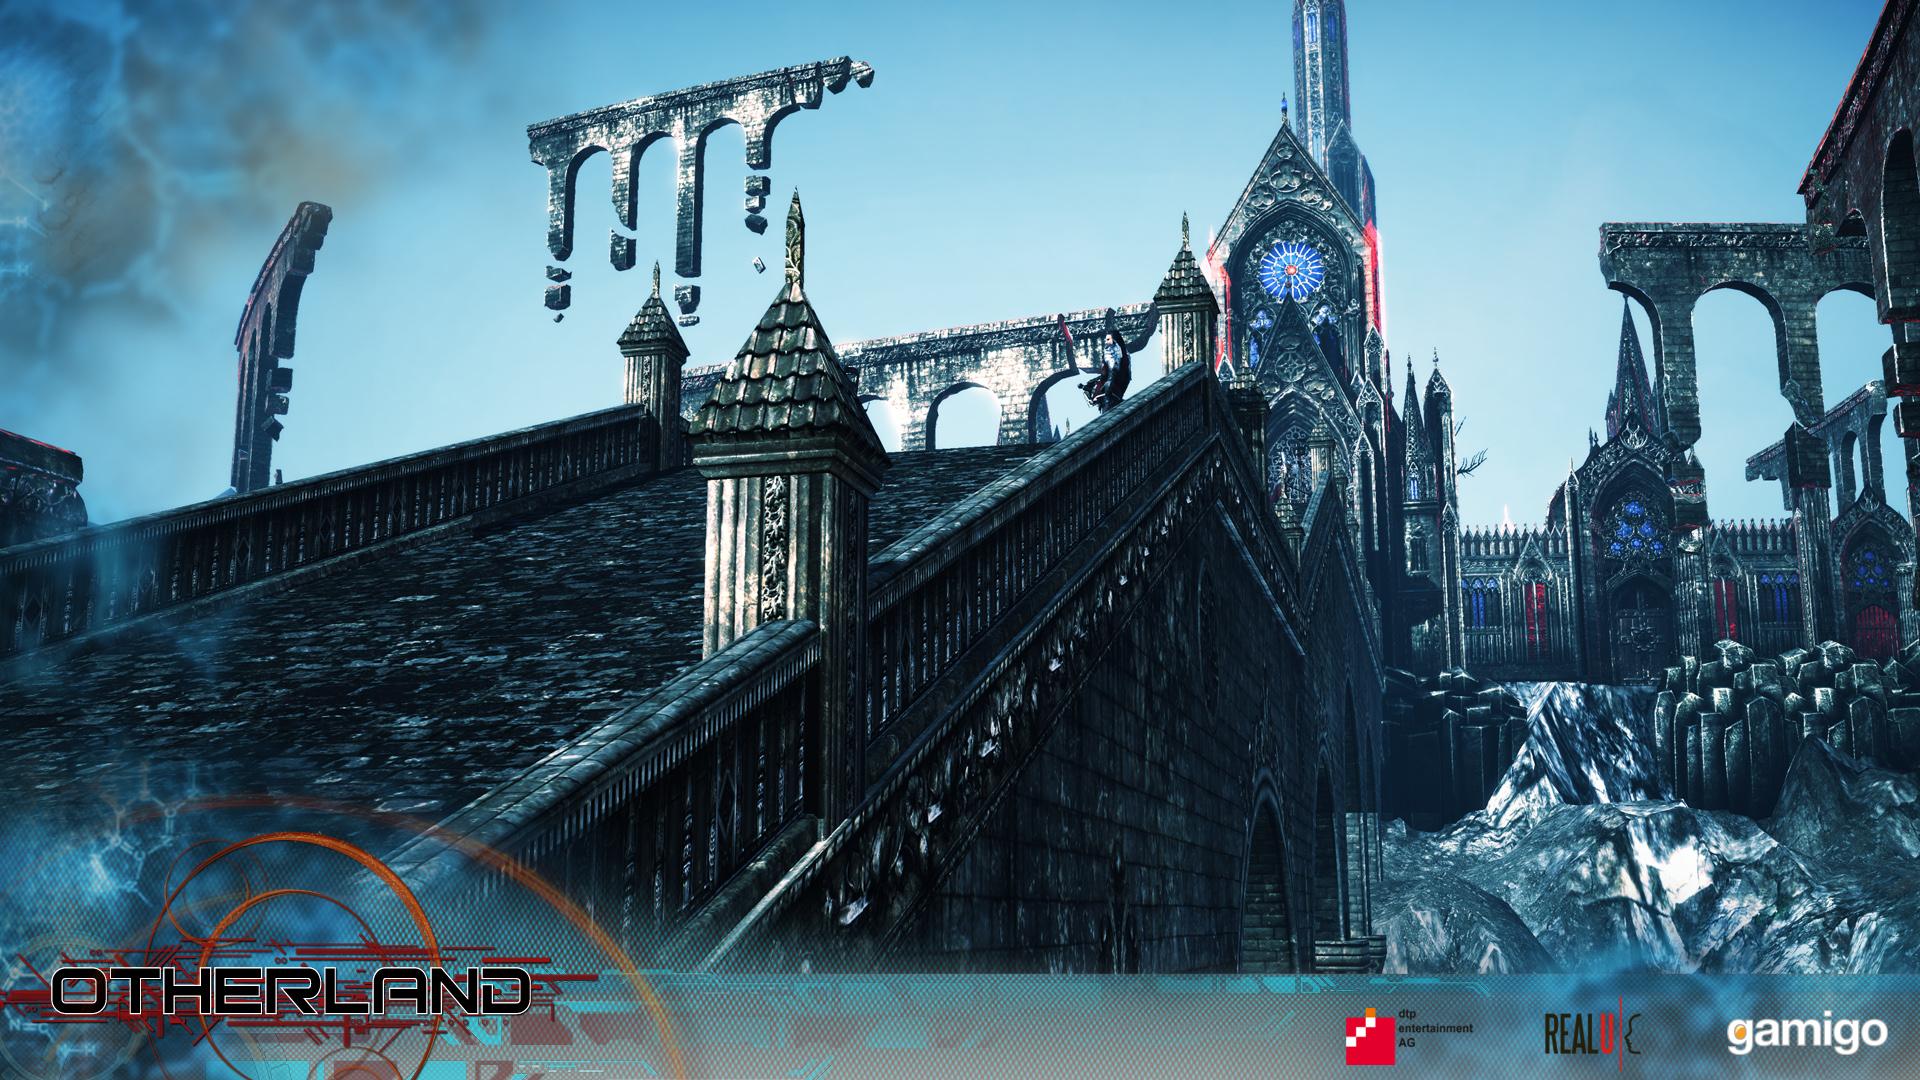 Gastartikel: Otherland als MMORPG auf der Gamescom